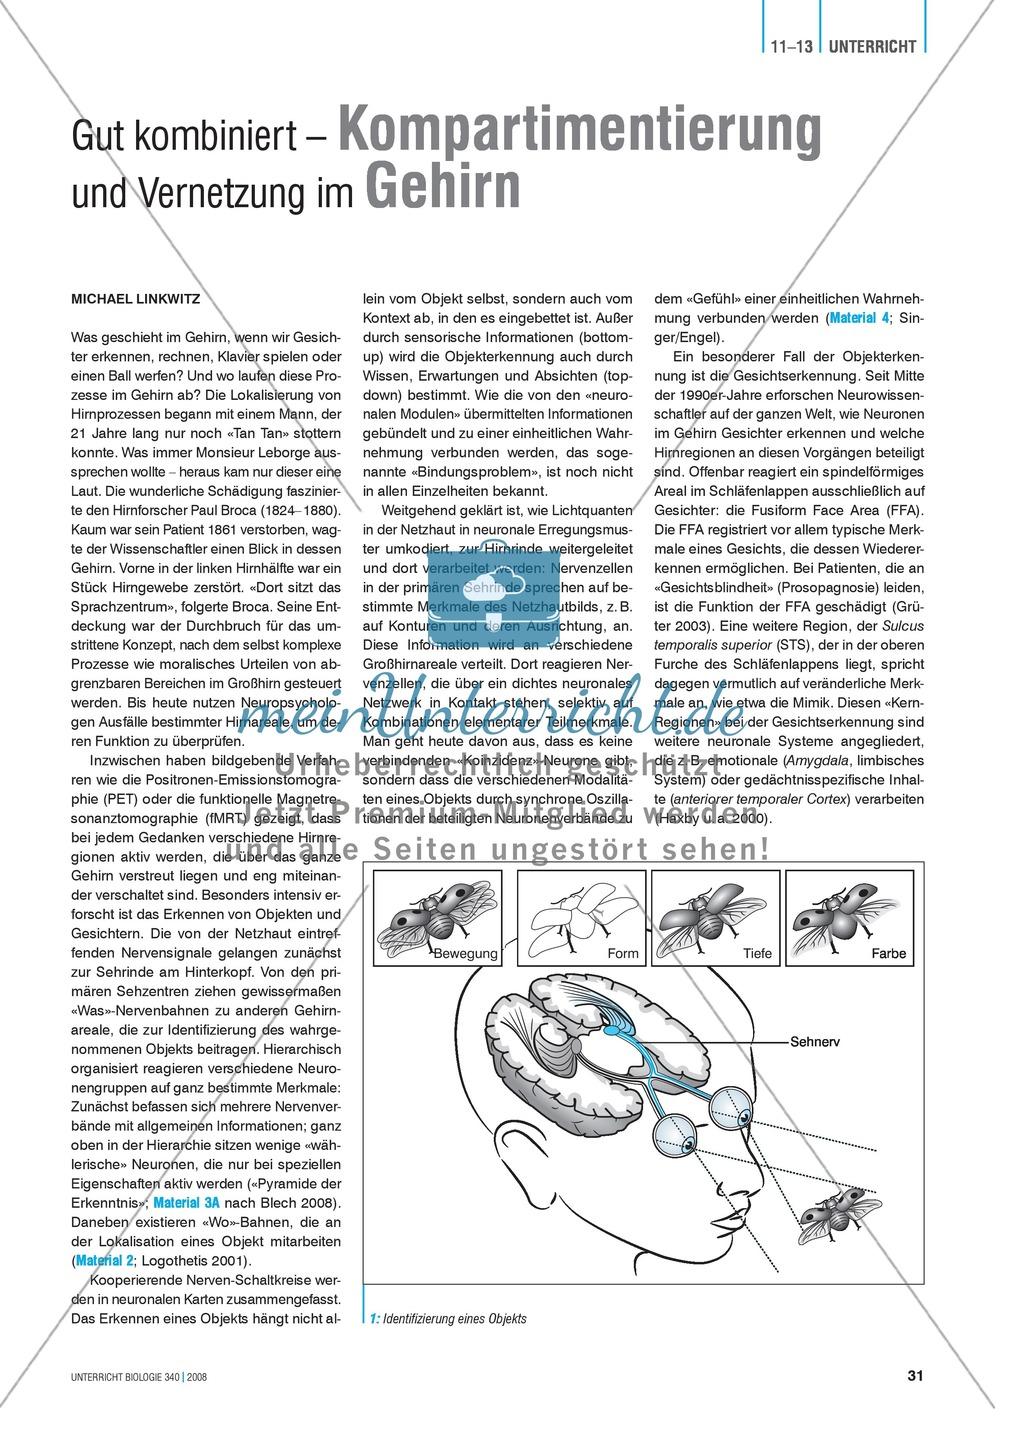 Kompartimentierung: Vernetzung im Gehirn - Gesichtserkennung durch Neuronen Preview 0